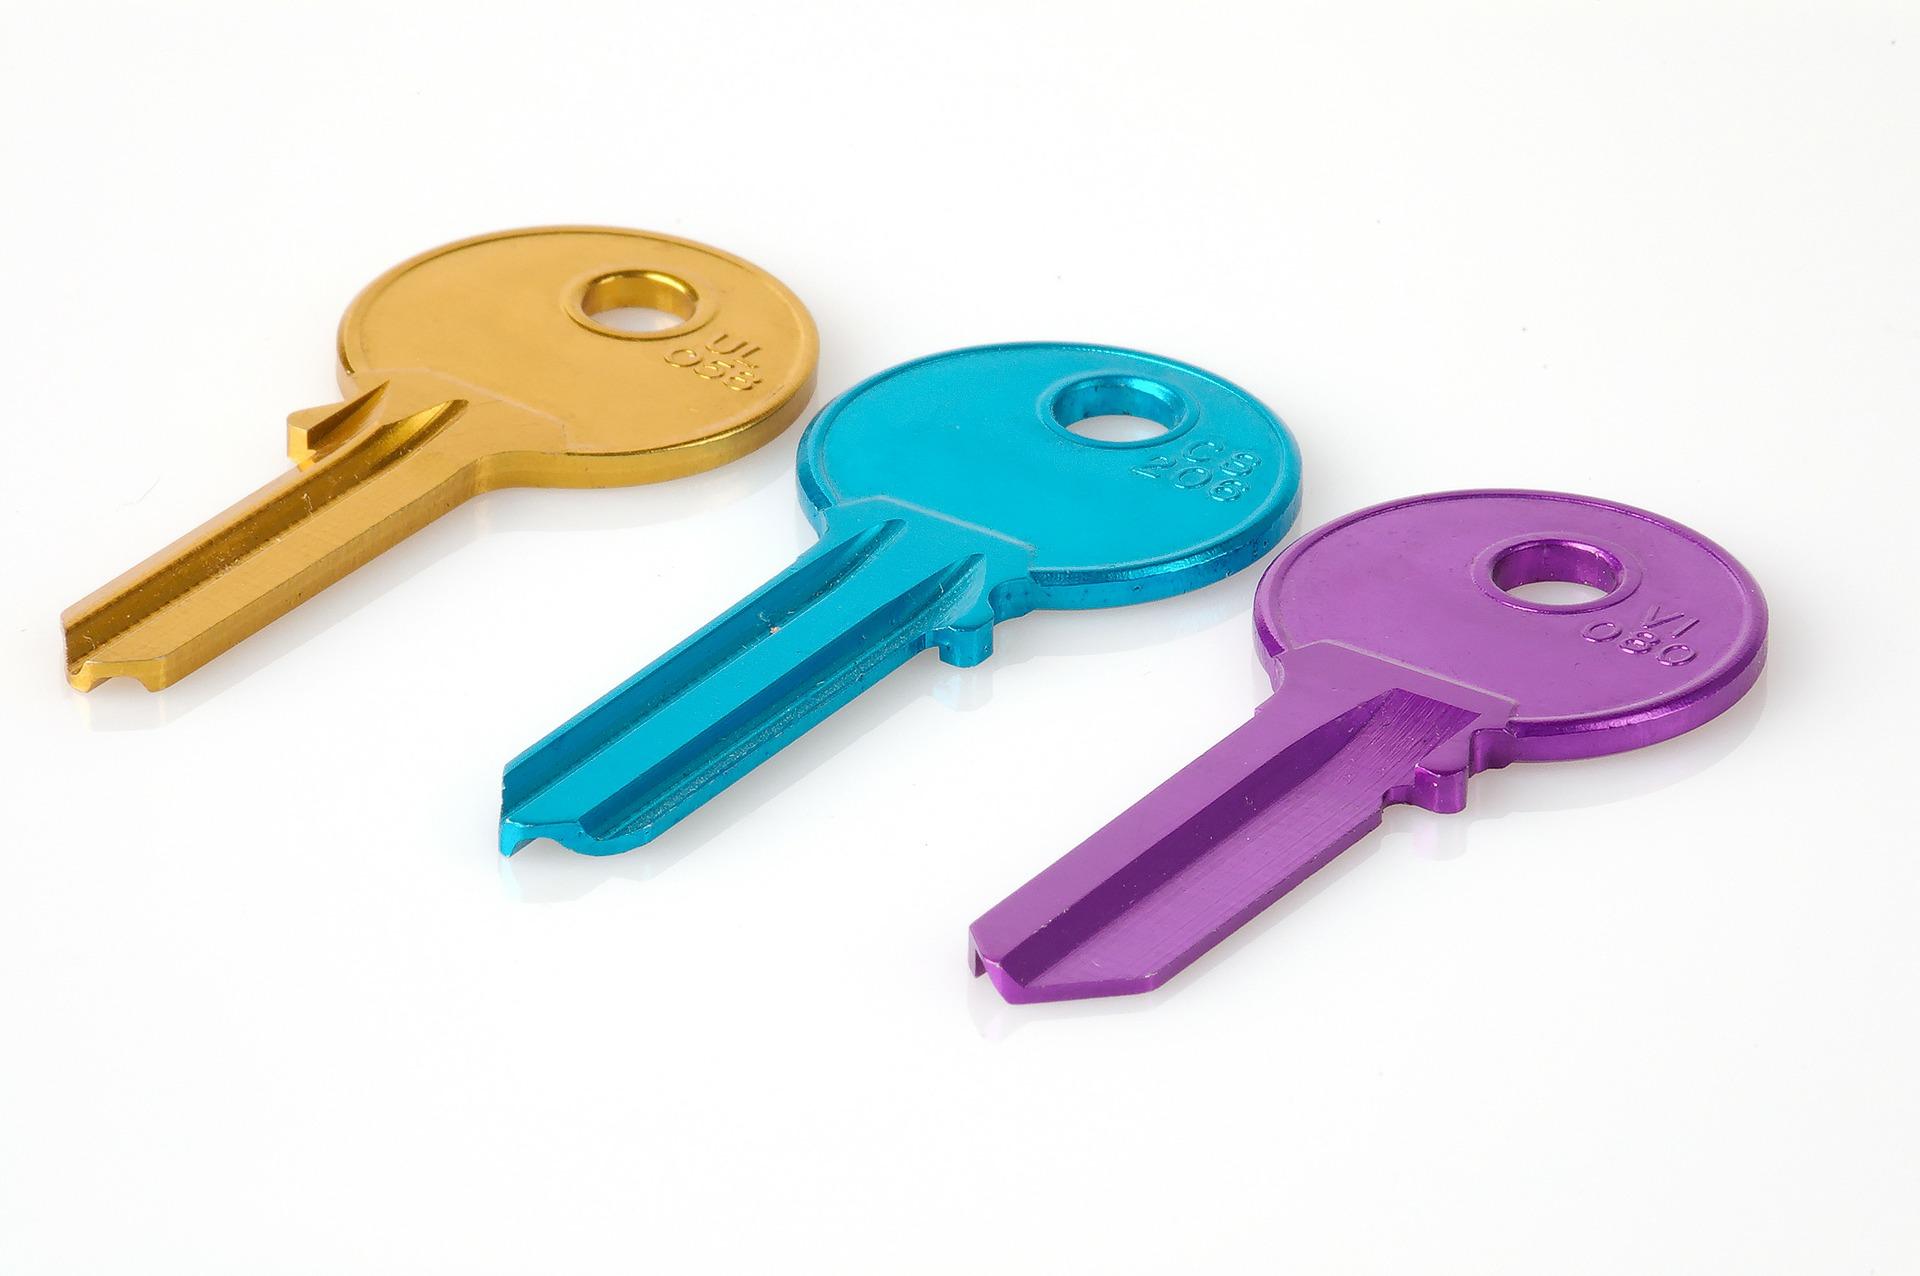 ビジネス管理アプリ~会議室管理とオフィスの合鍵管理